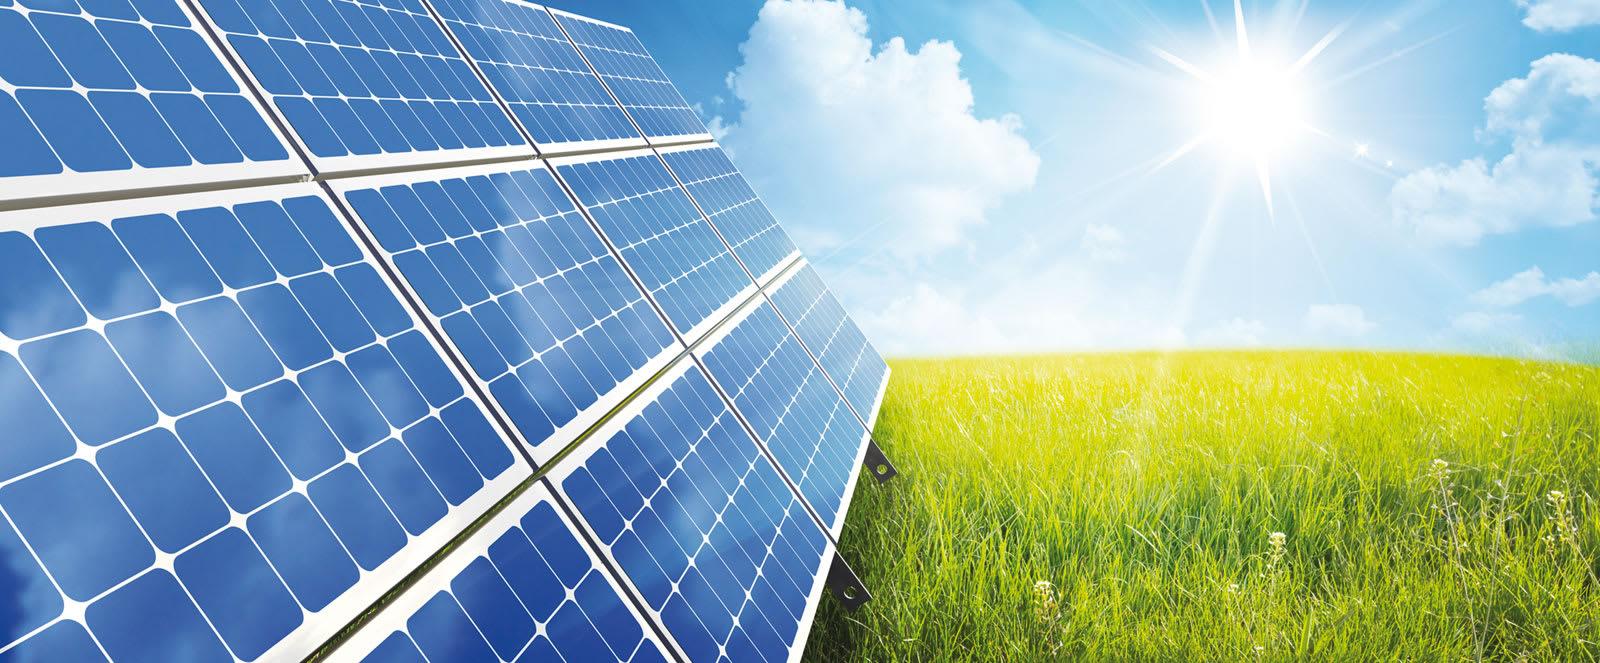 public://media/news/azienda-fotovoltaico.jpg